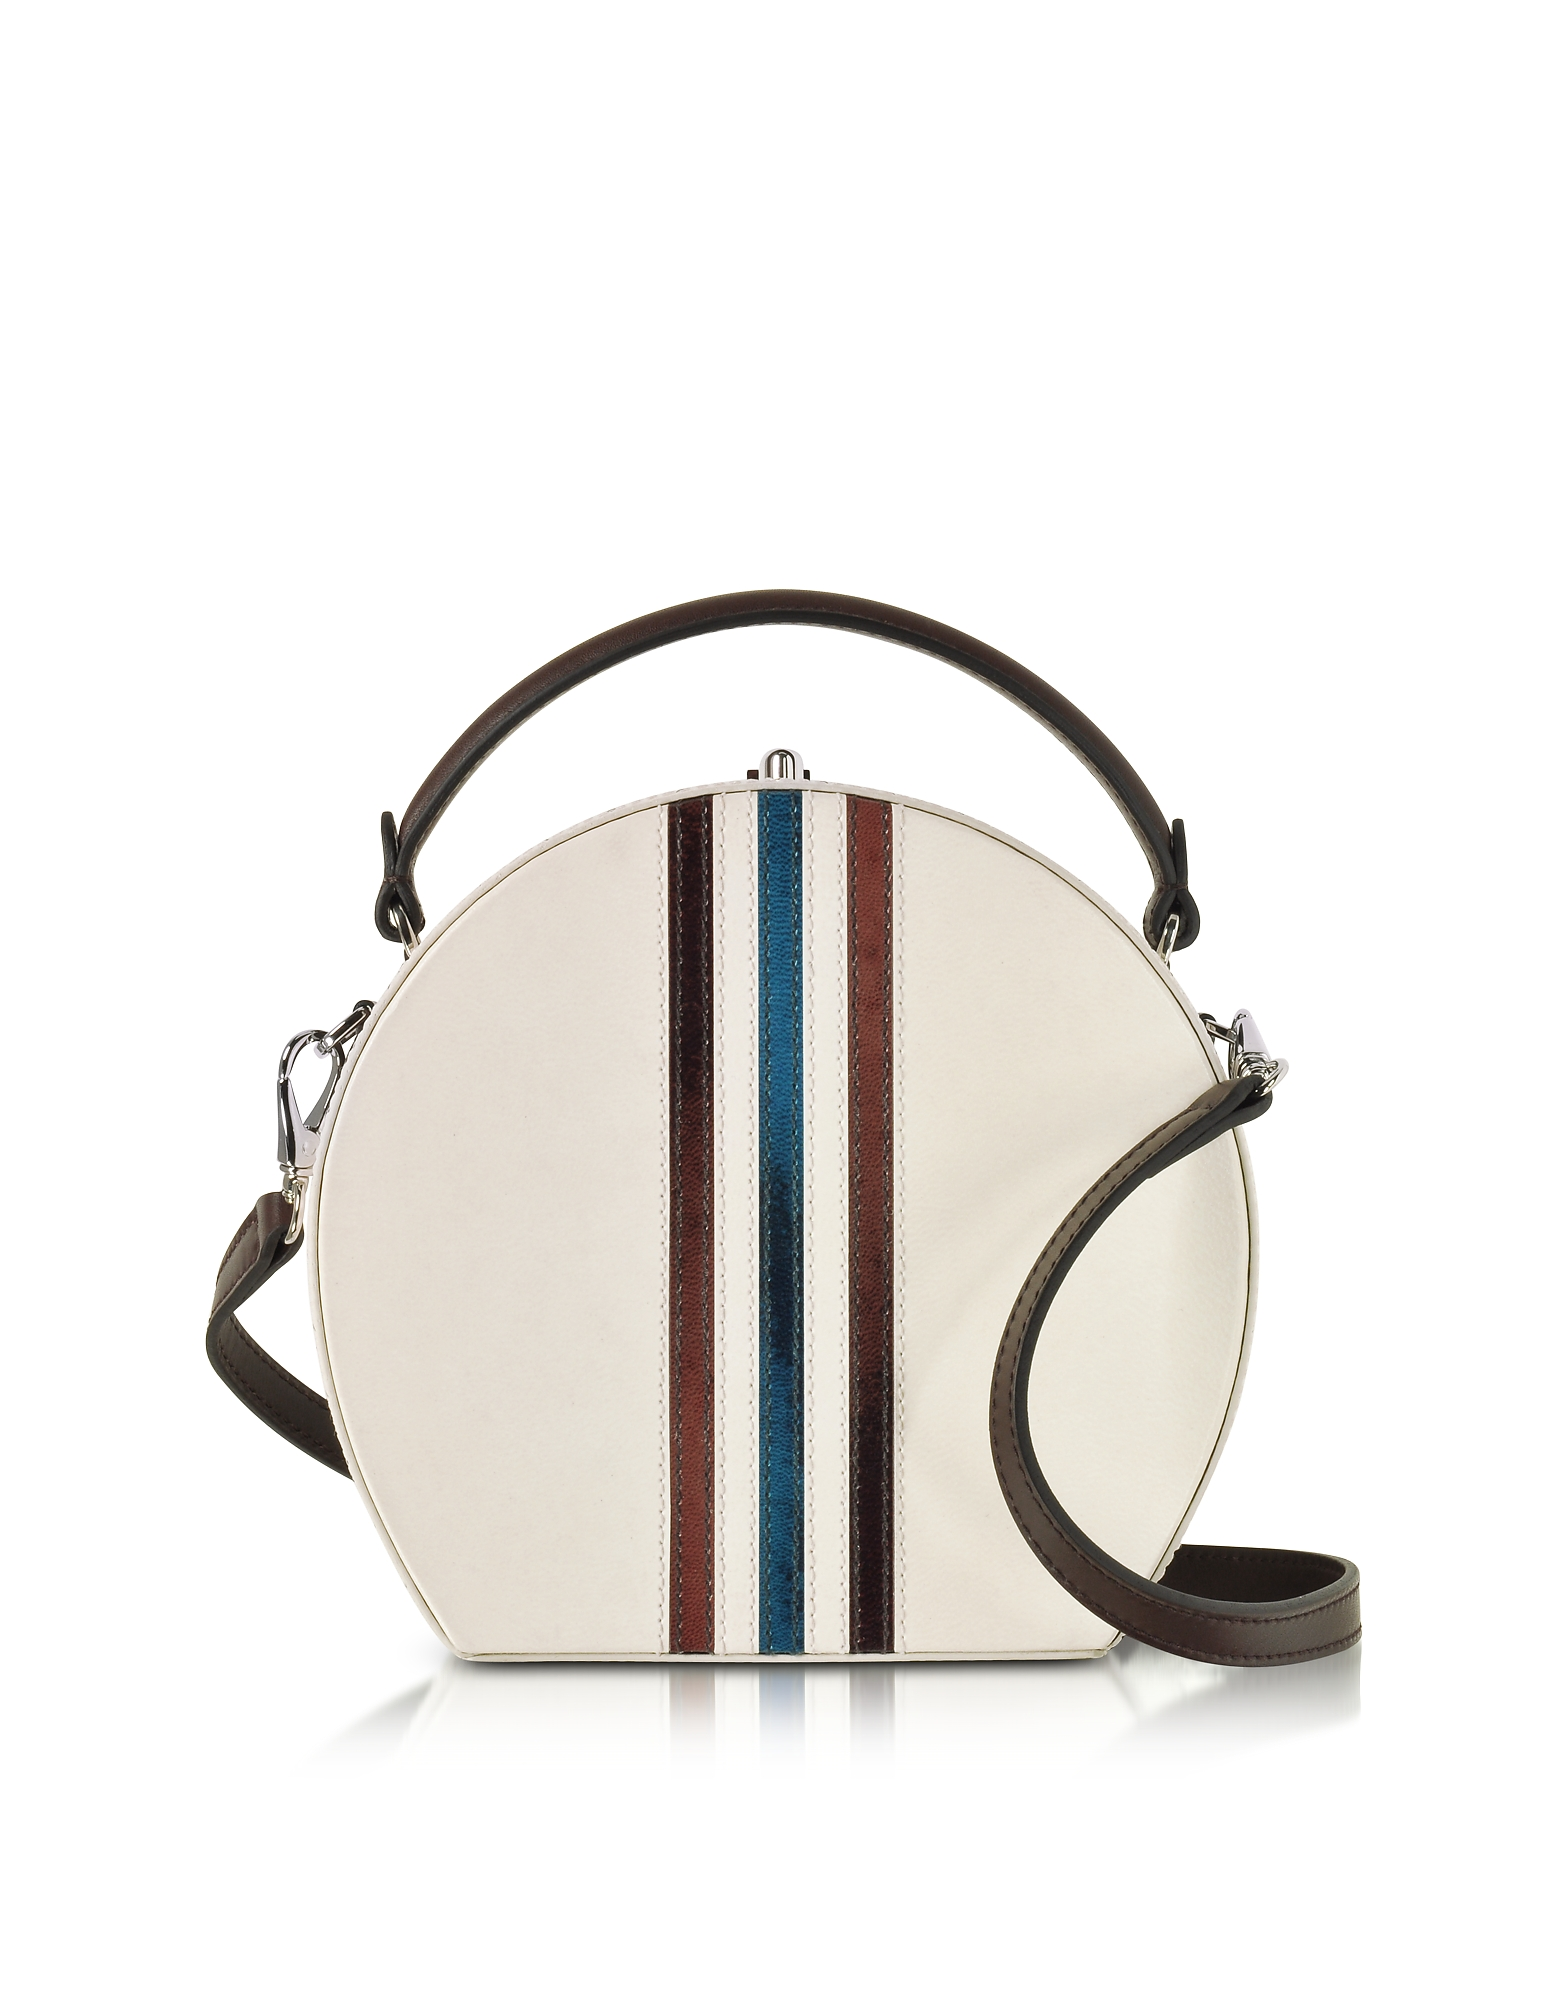 Bertoni Pergamena Leather Bertoncina Satchel Bag